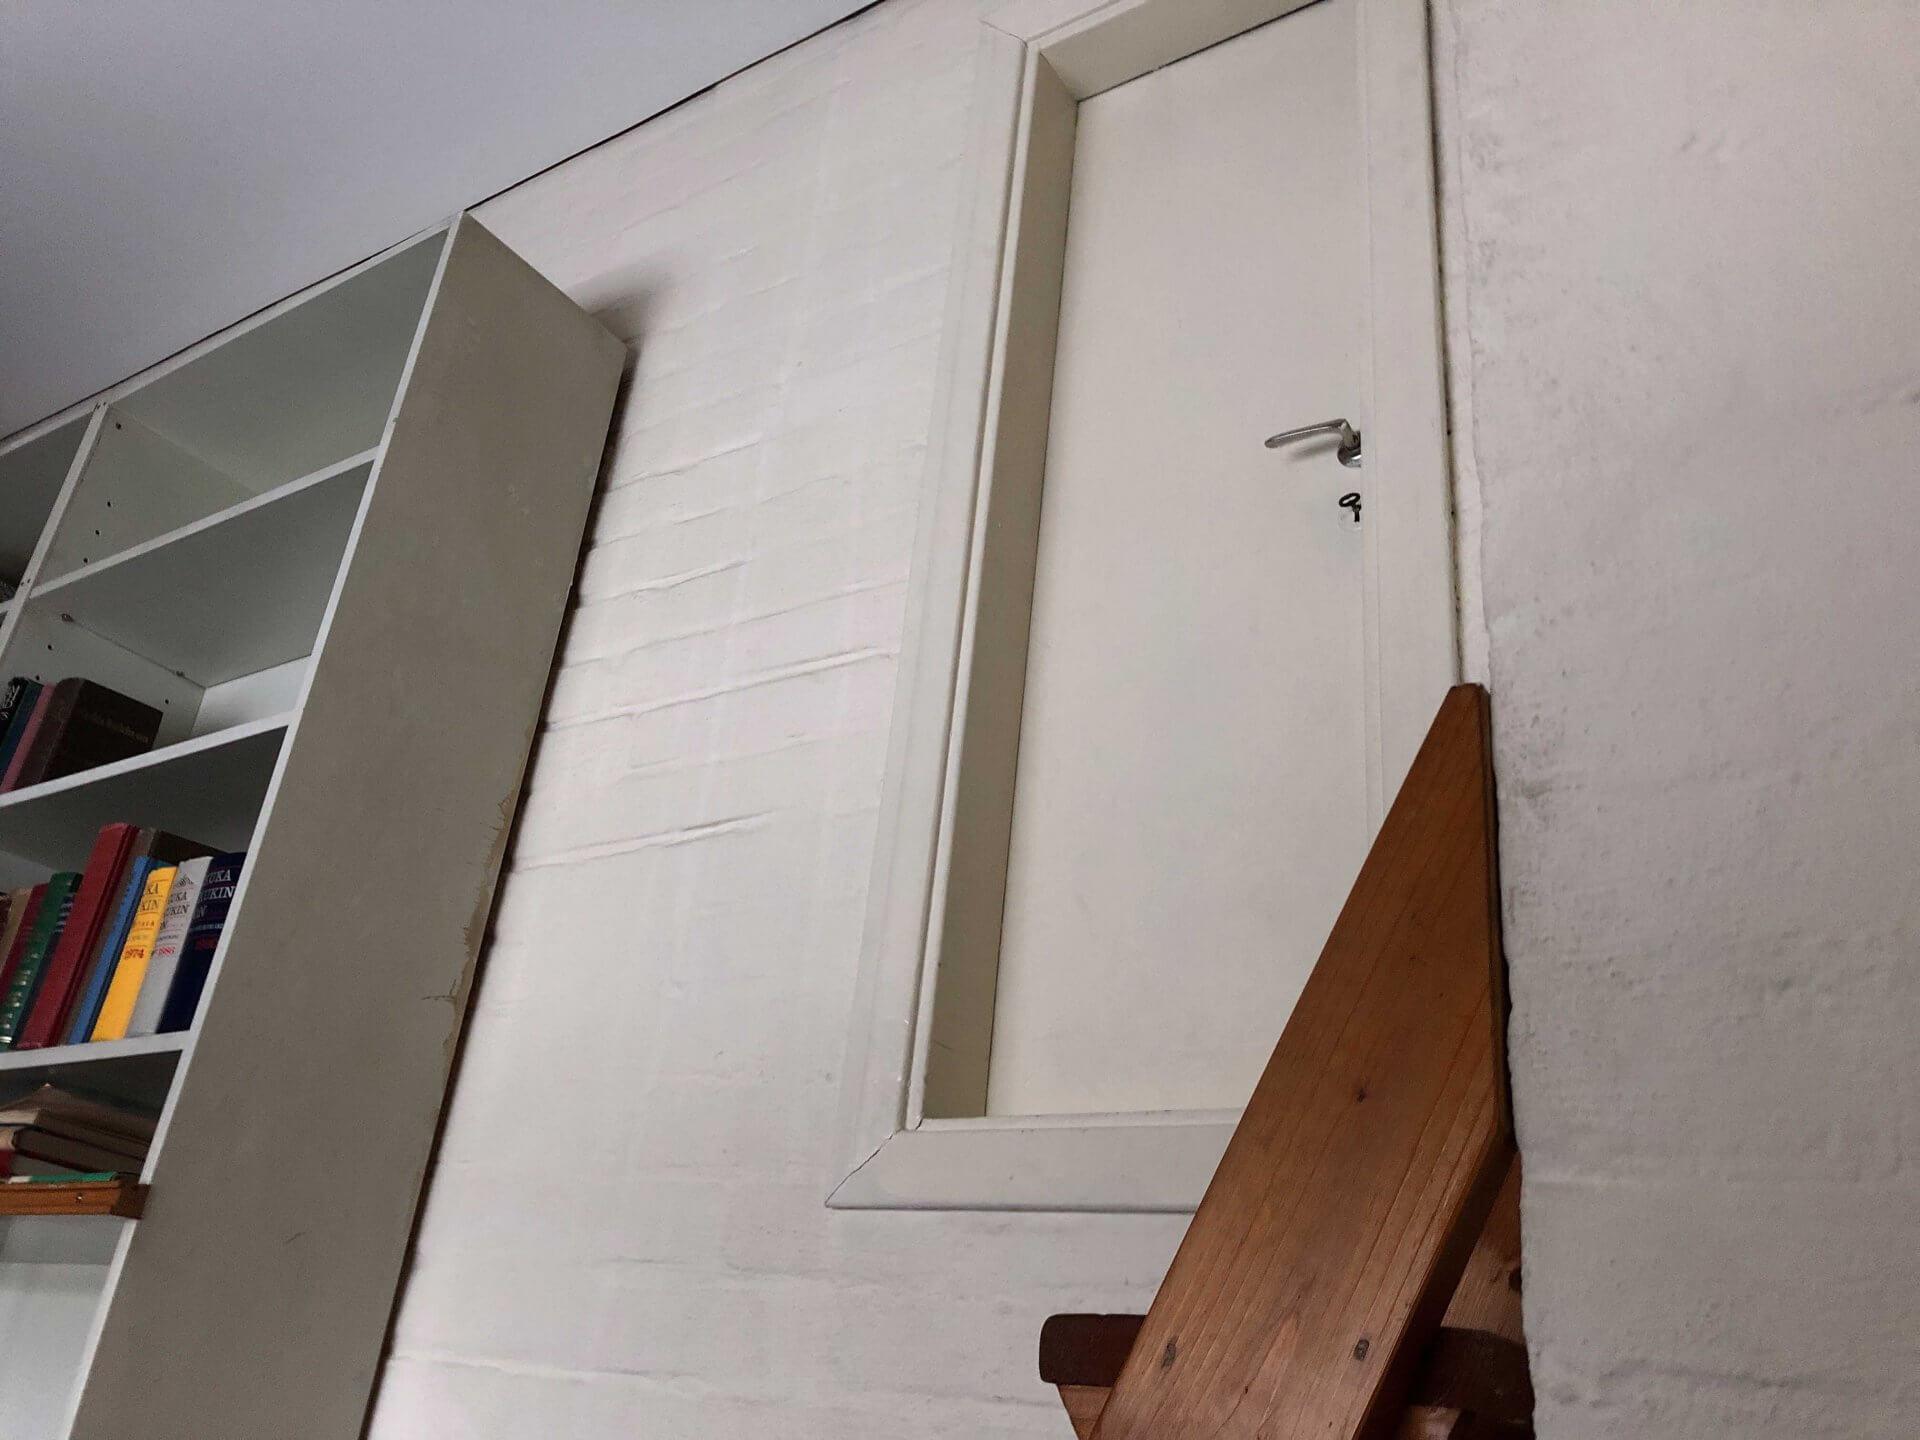 2階へと続く書庫の扉。今回は開けることができなかった